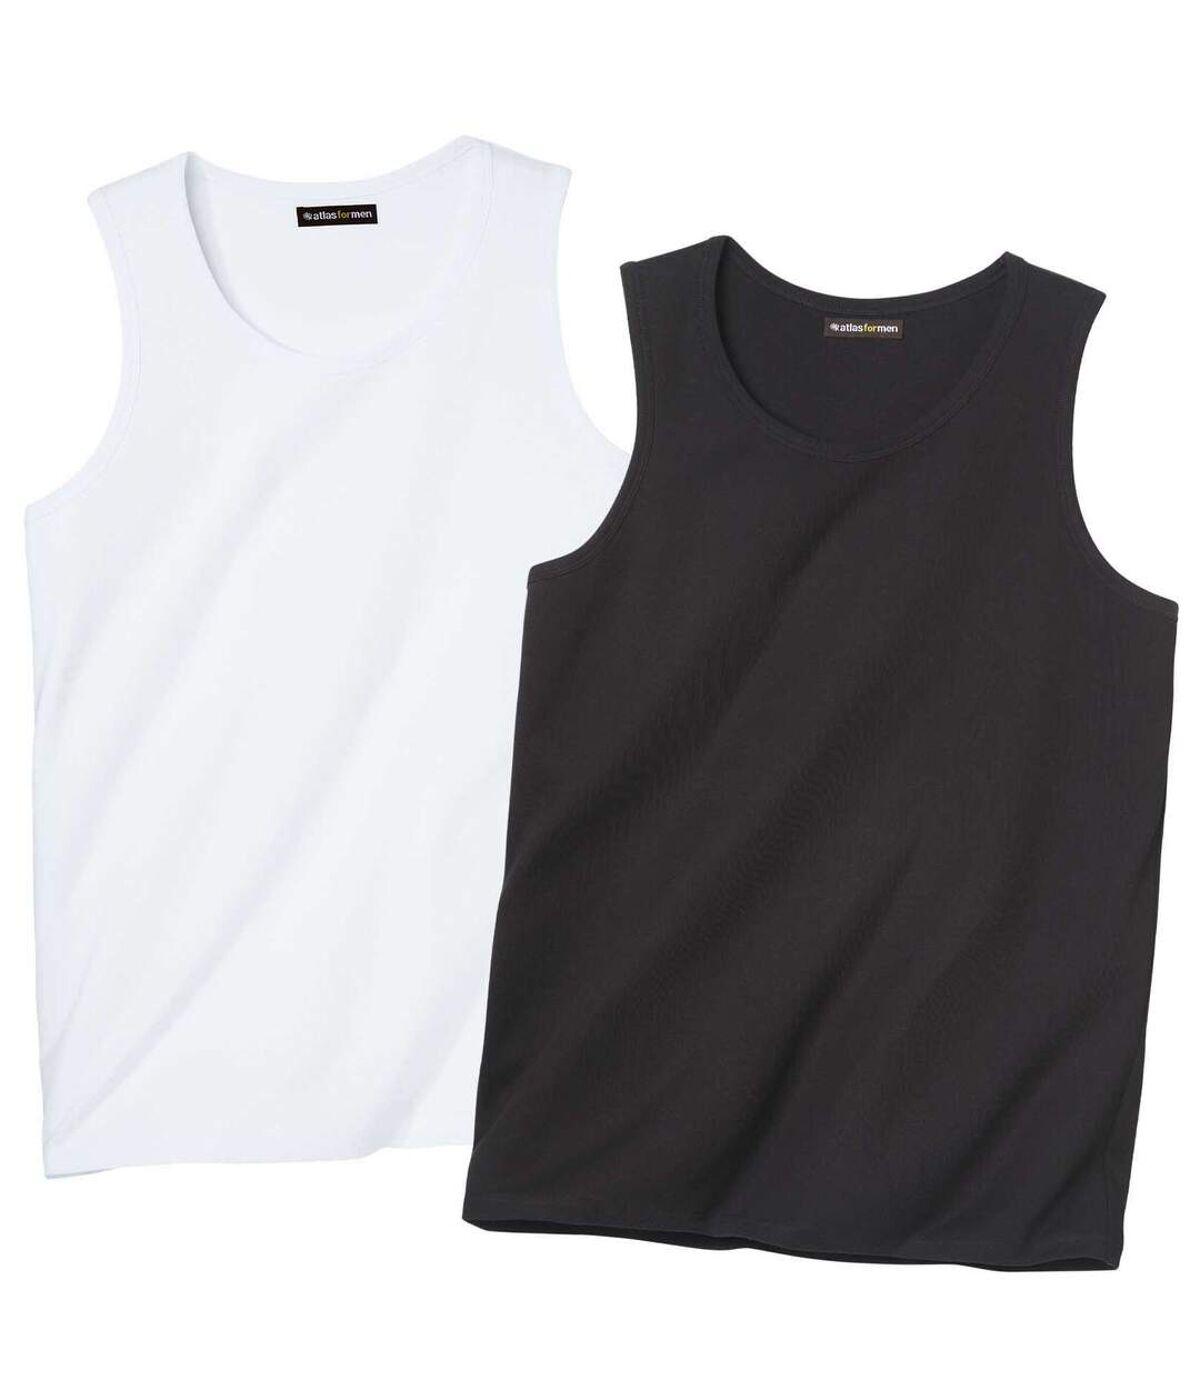 Pack of 2 Men's Leisure Vests - Black White Atlas For Men